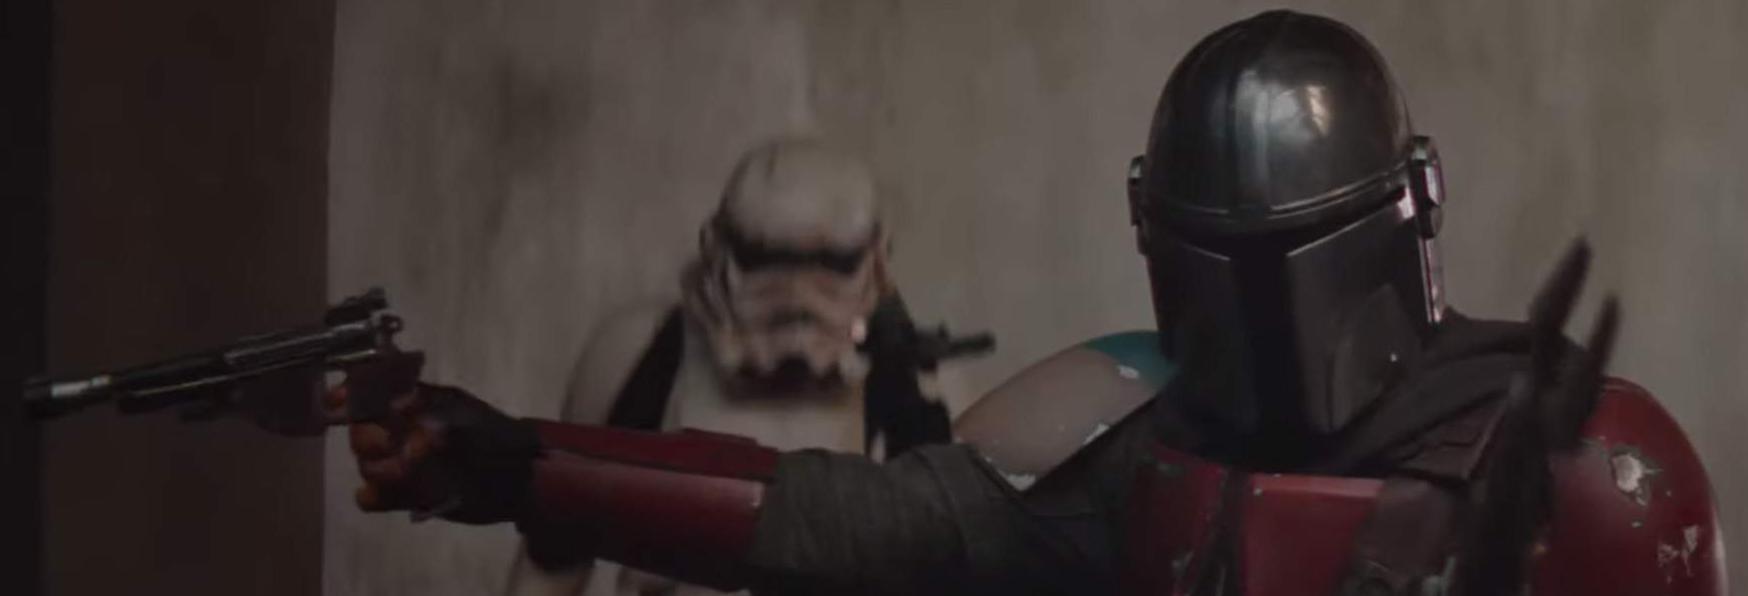 The Mandalorian: rilasciato il Trailer Finale della nuova Serie TV di Star Wars